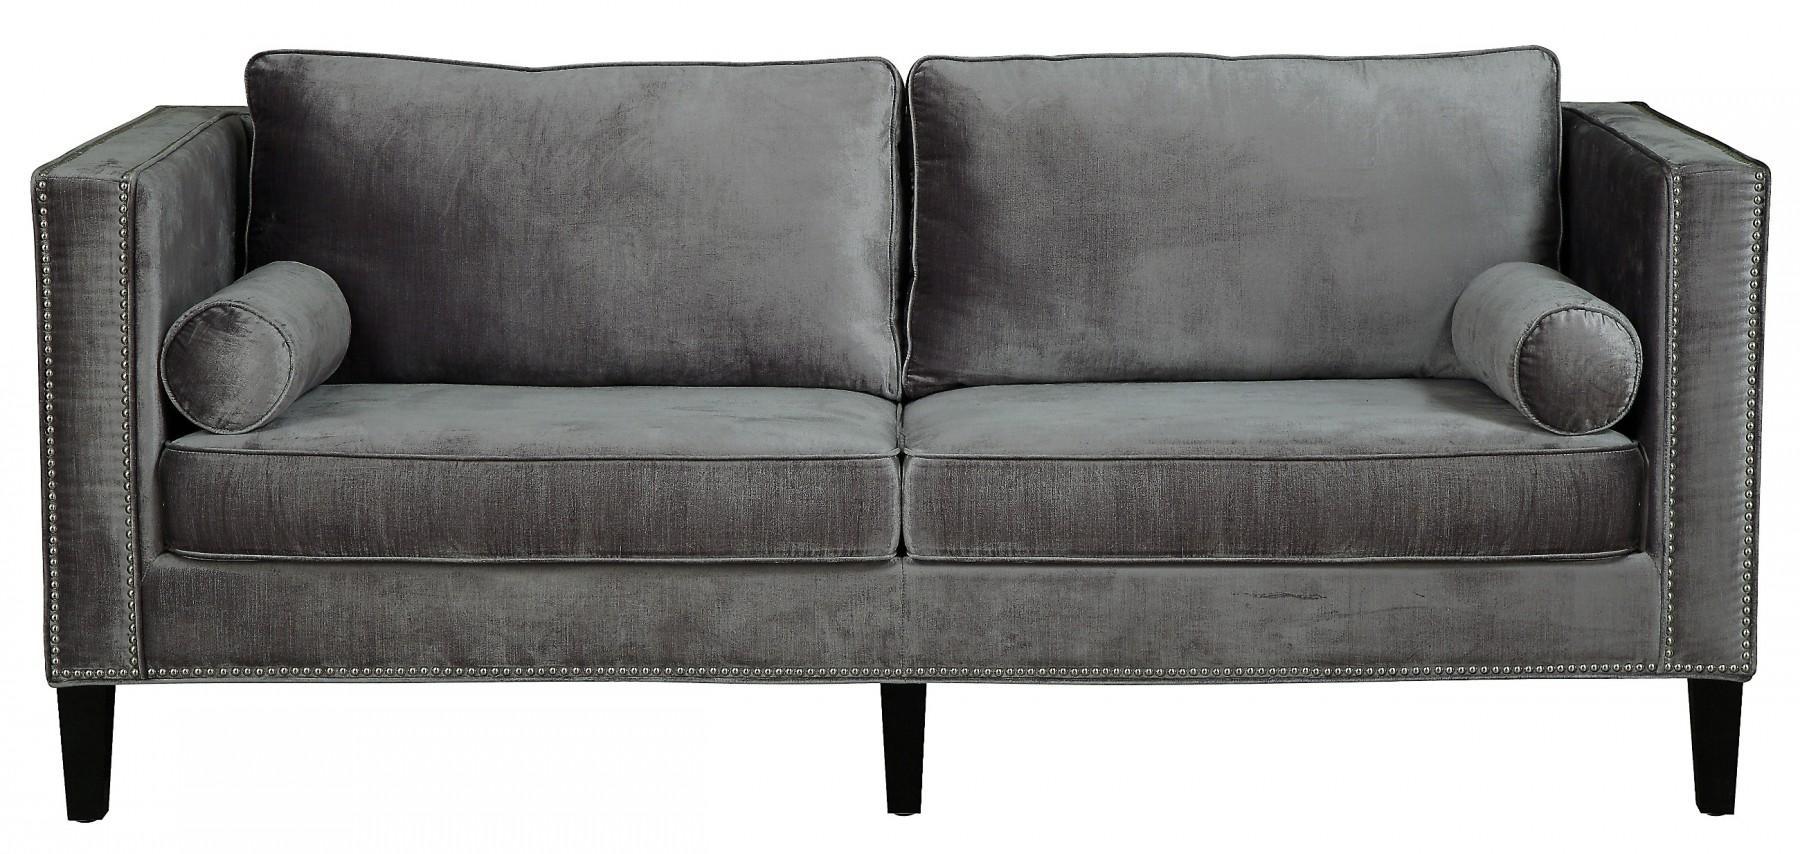 Furniture: Barrister Velvet Sofa | Velvet Couch | Tweed Couch For Barrister Velvet Sofas (Image 11 of 20)